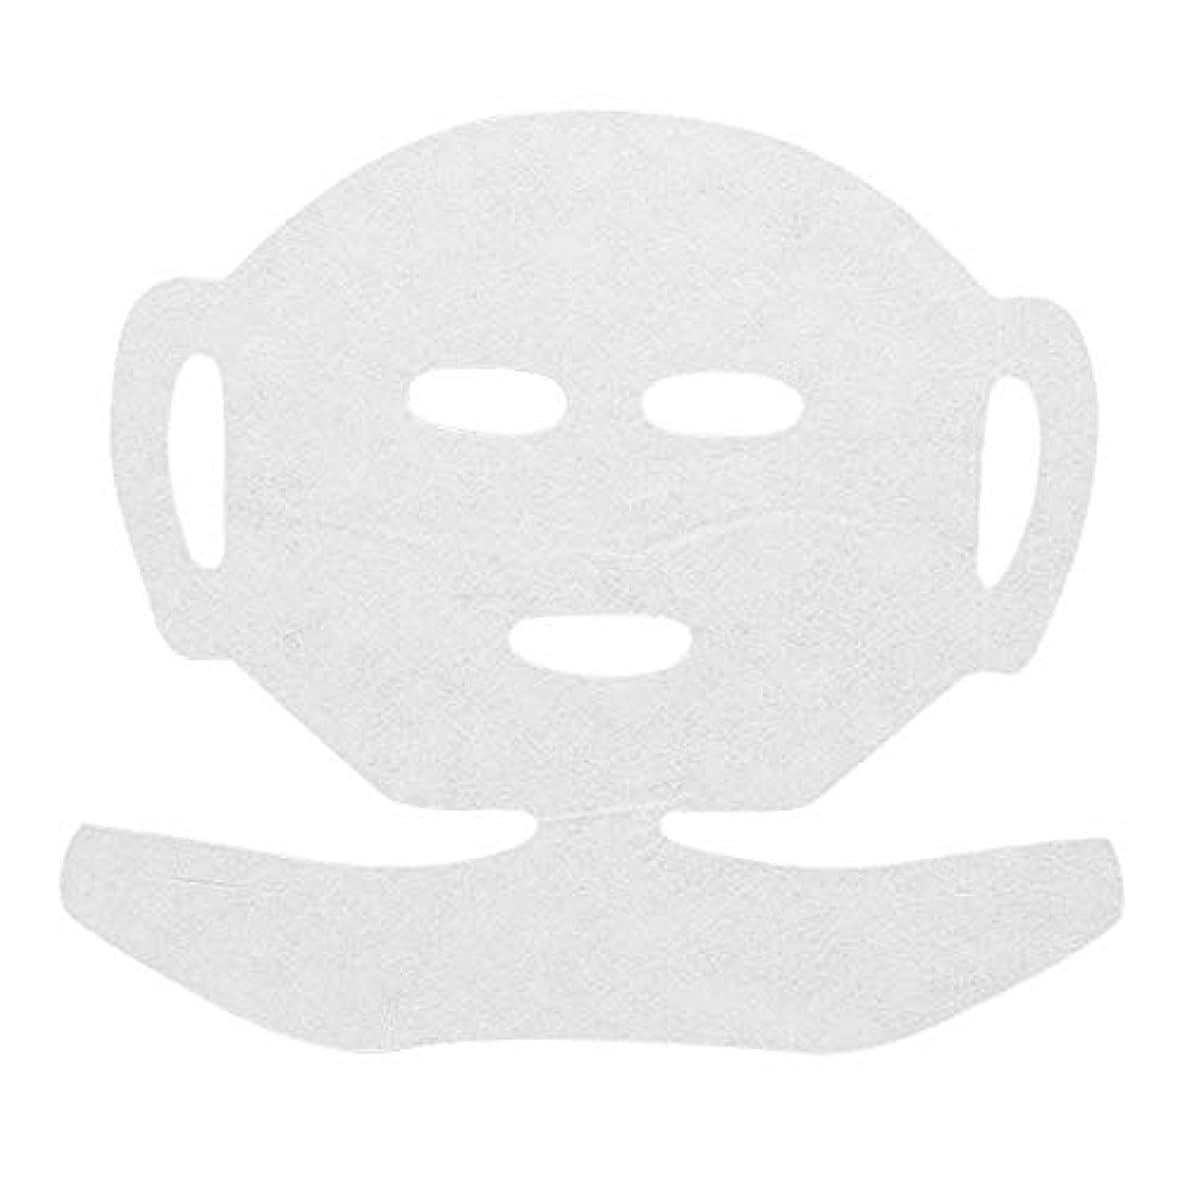 タバコ模索聴く高保水 フェイシャルシート (マスクタイプネック付き 化粧水無し) 80枚 29×20cm [ フェイスマスク フェイスシート フェイスパック フェイシャルマスク シートマスク フェイシャルシート フェイシャルパック ローションマスク...